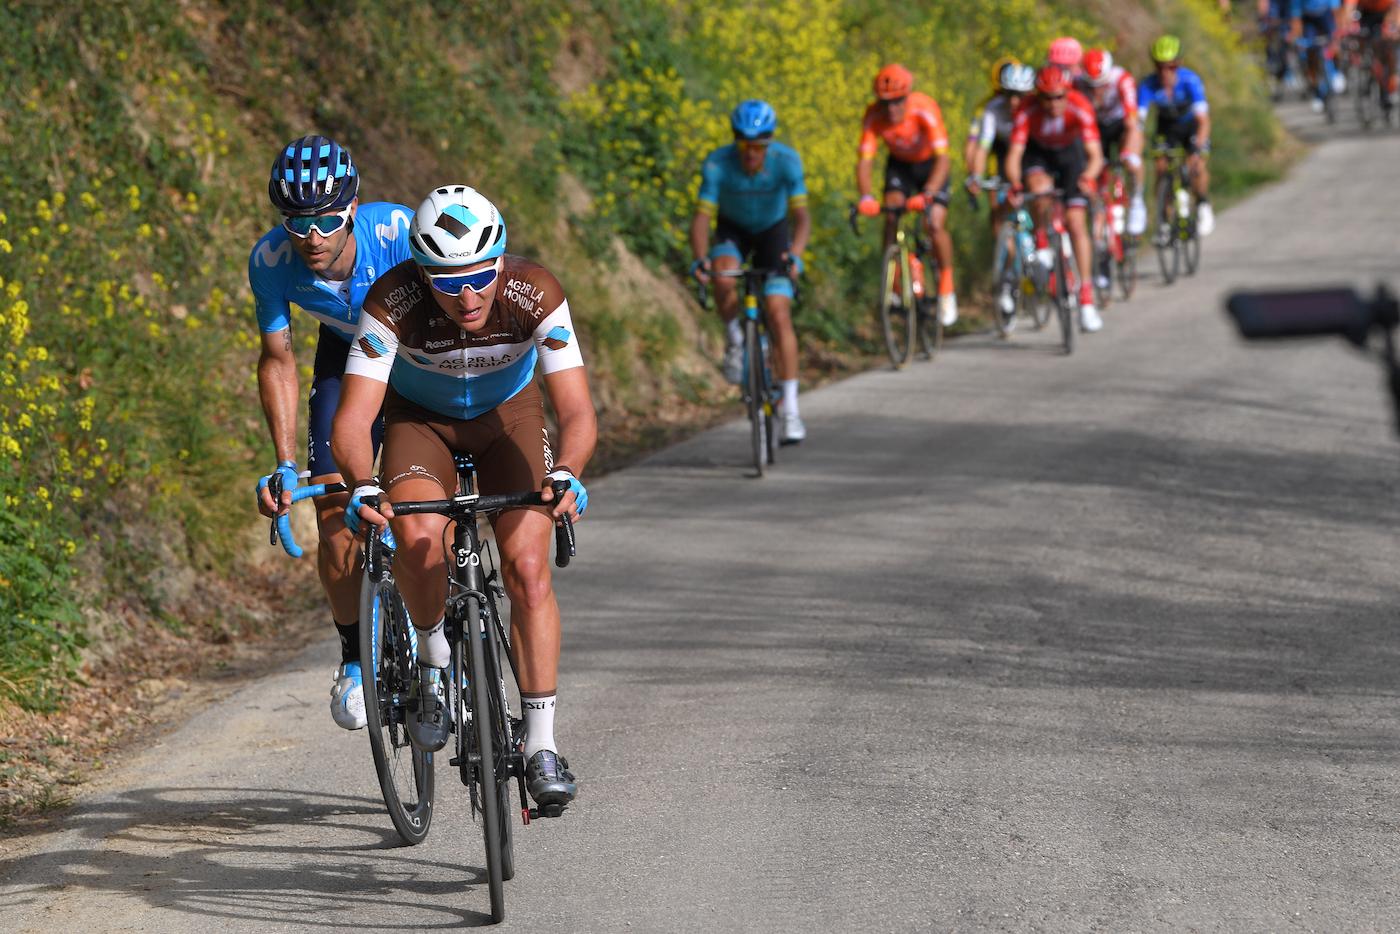 Nans Peters | Tirreno - Adriatico - étape 4